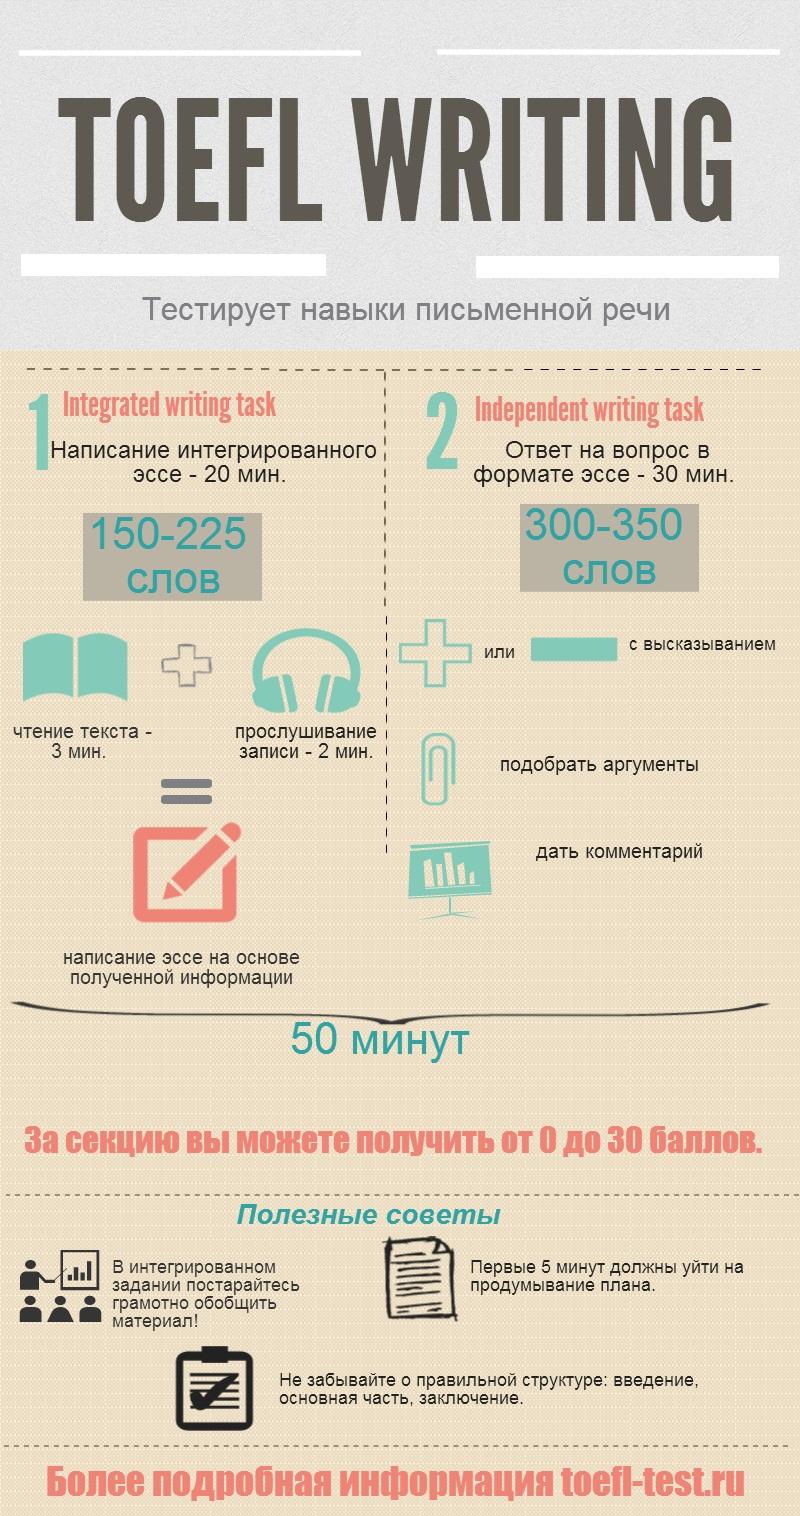 Инфографика по TOEFL Writing на toefl-test.ru